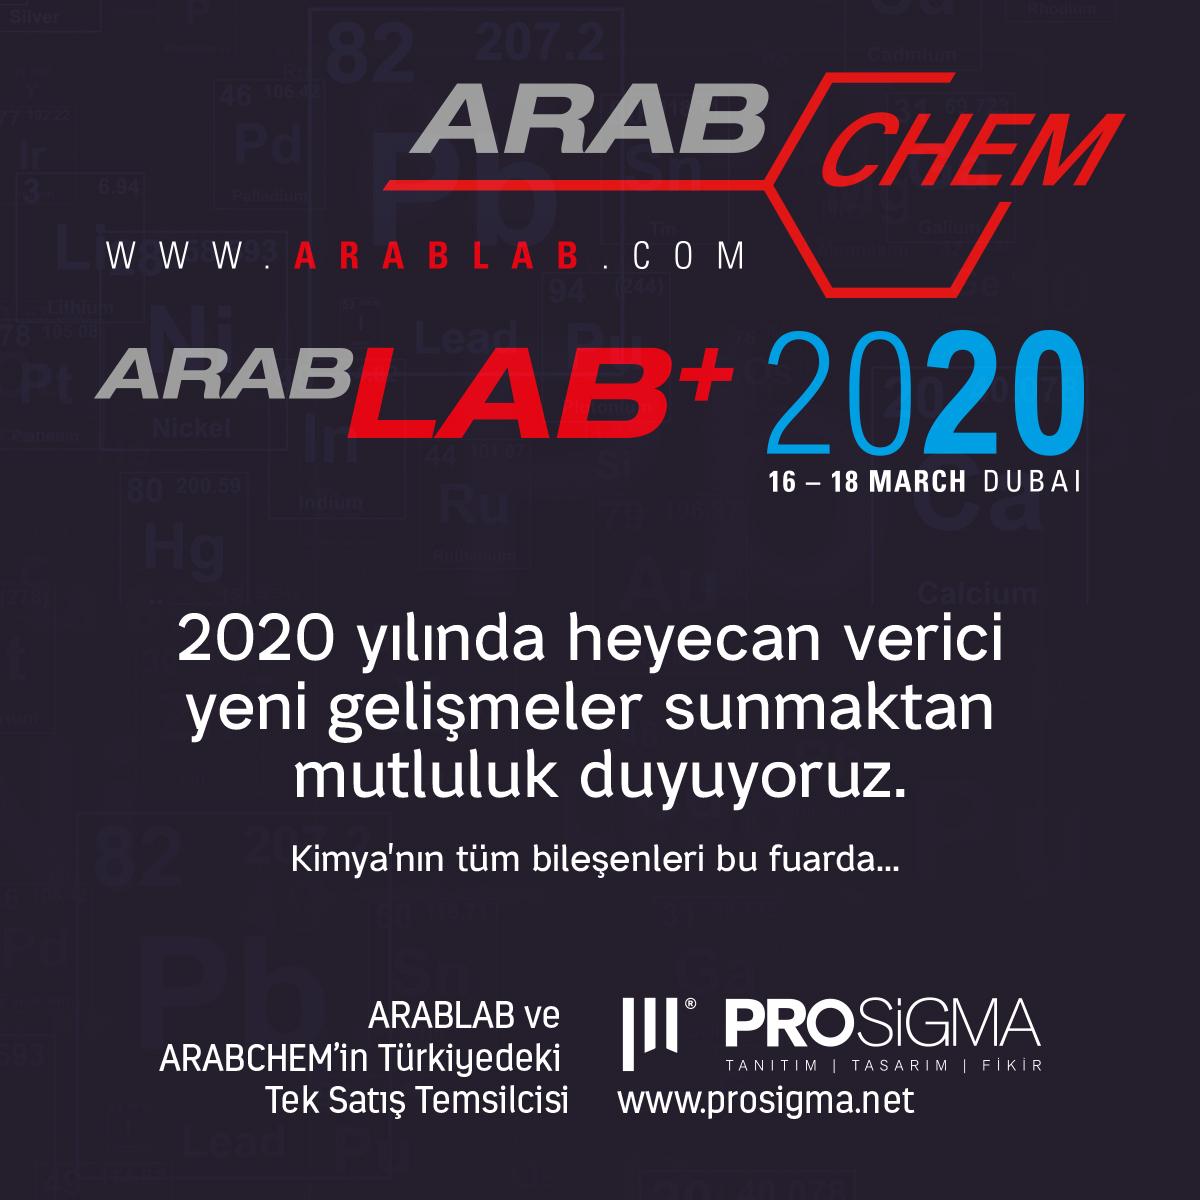 Arablab ve Arabchem Fuarlarının Türkiye Satış Haklarını PROSİGMA Aldı